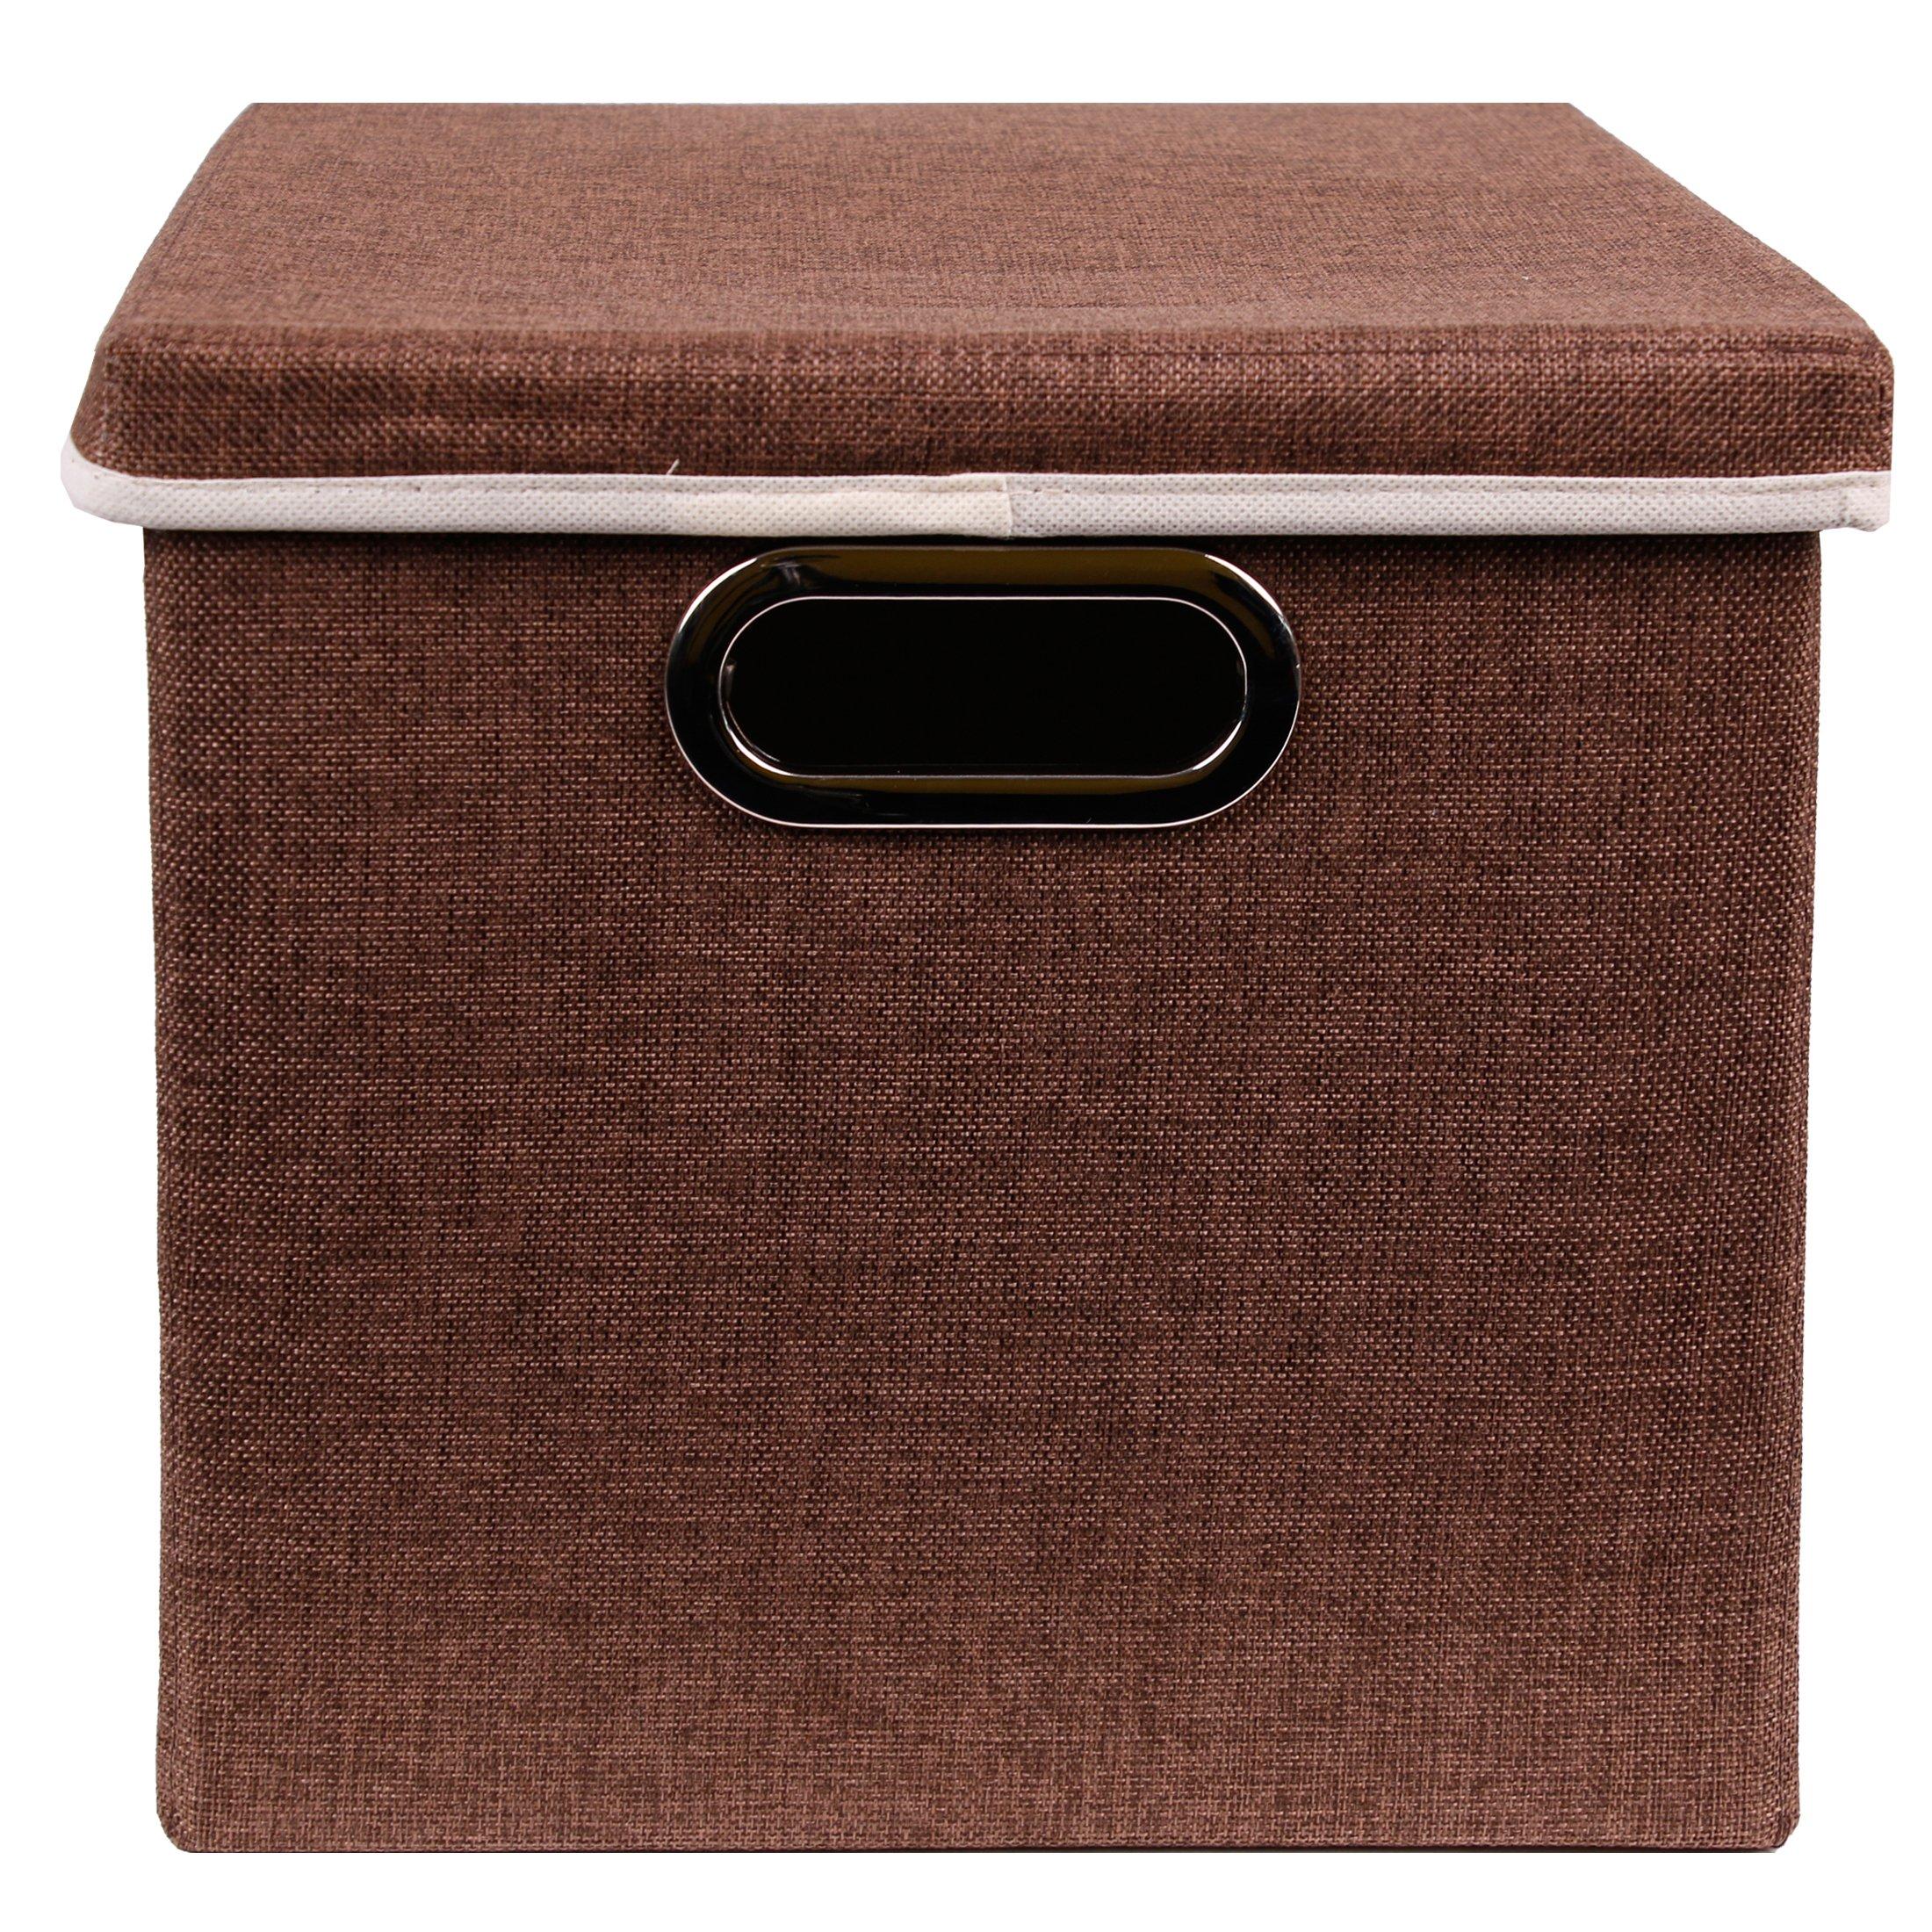 Aufbewahrungsbox Stoff Mit Deckel: Amazon.de